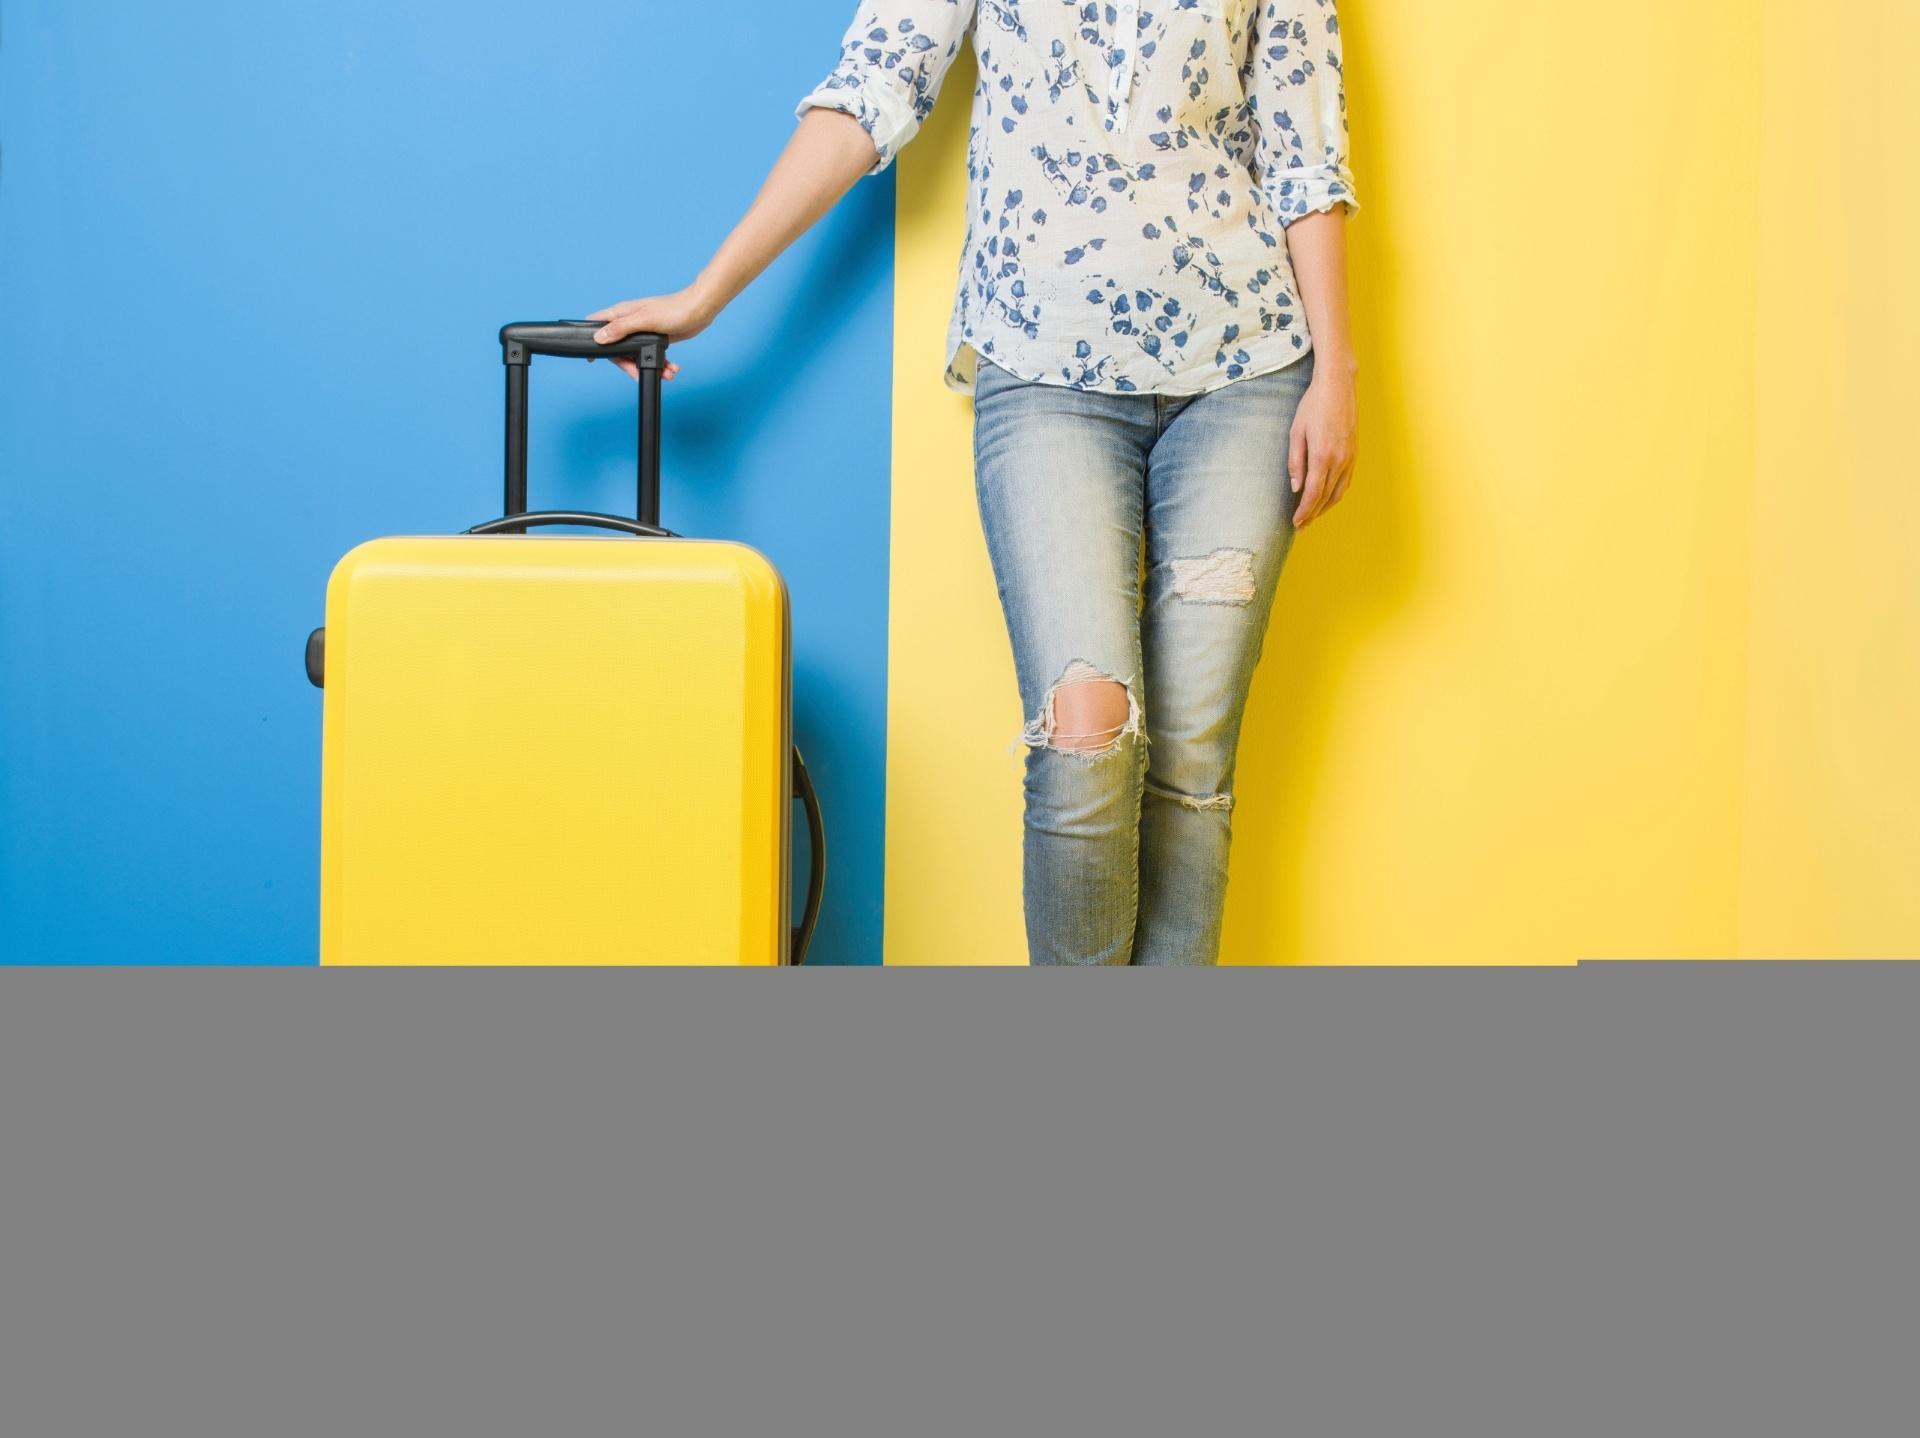 ea4179d8e4375 Saiba como escolher a mala de viagem ideal em sete passos - 05 06 2016 -  UOL Viagem